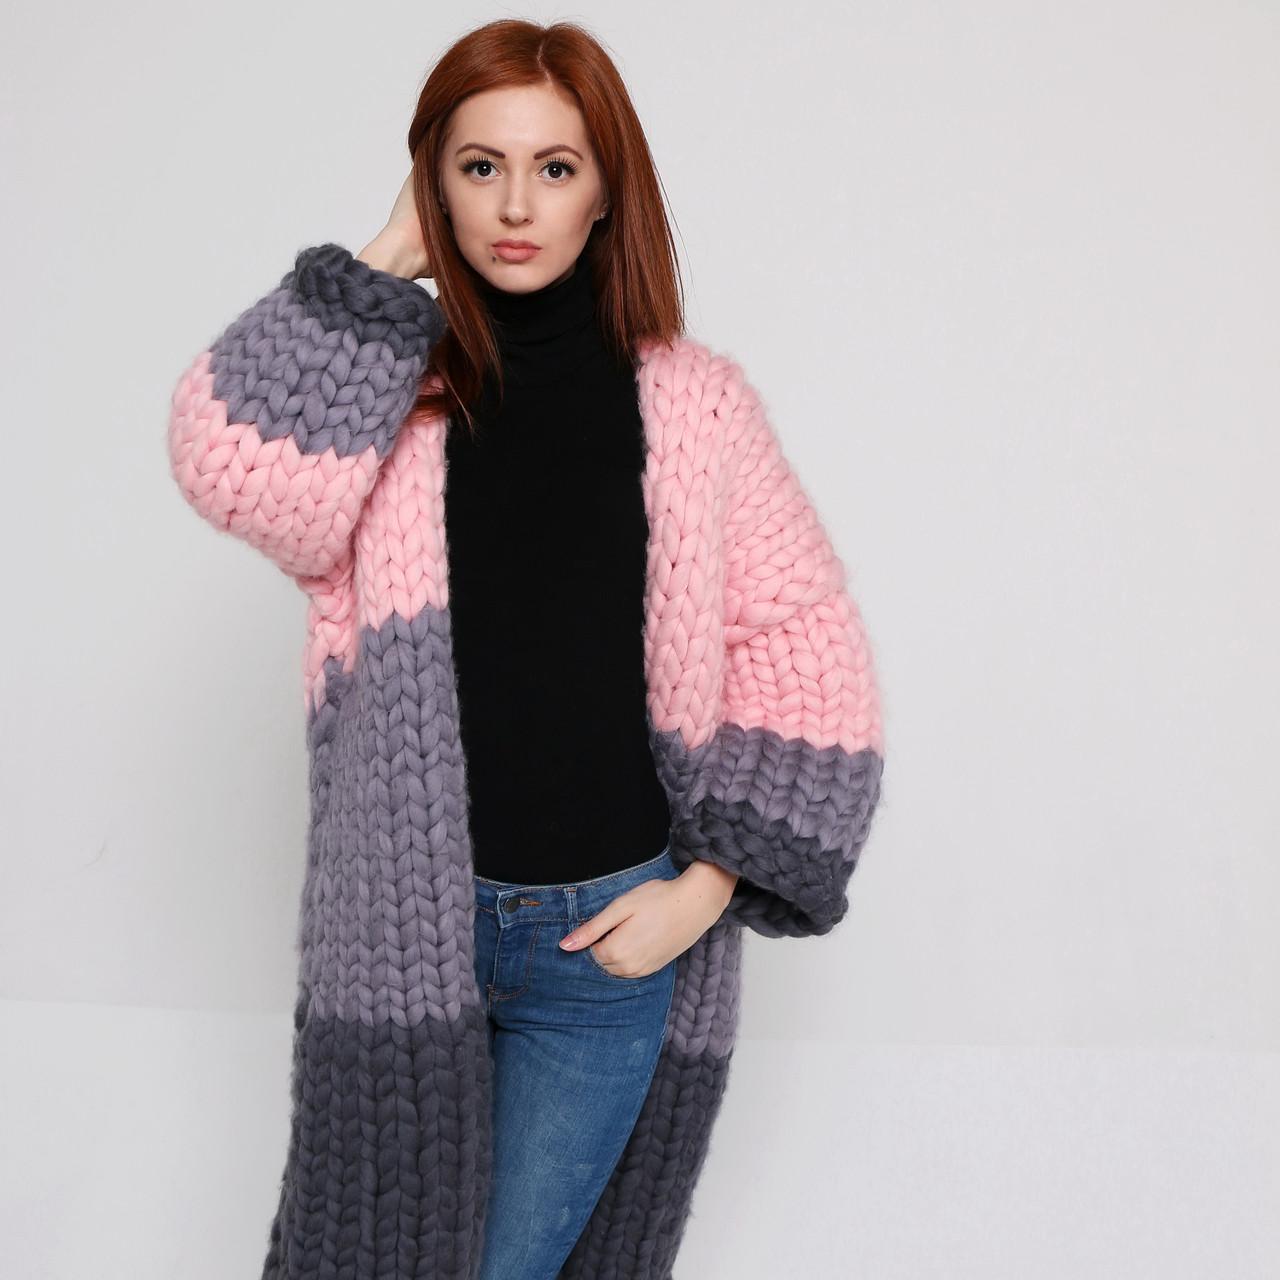 кардиган пальто из толстой пряжи 100 шерсть мериноса цена 3 200